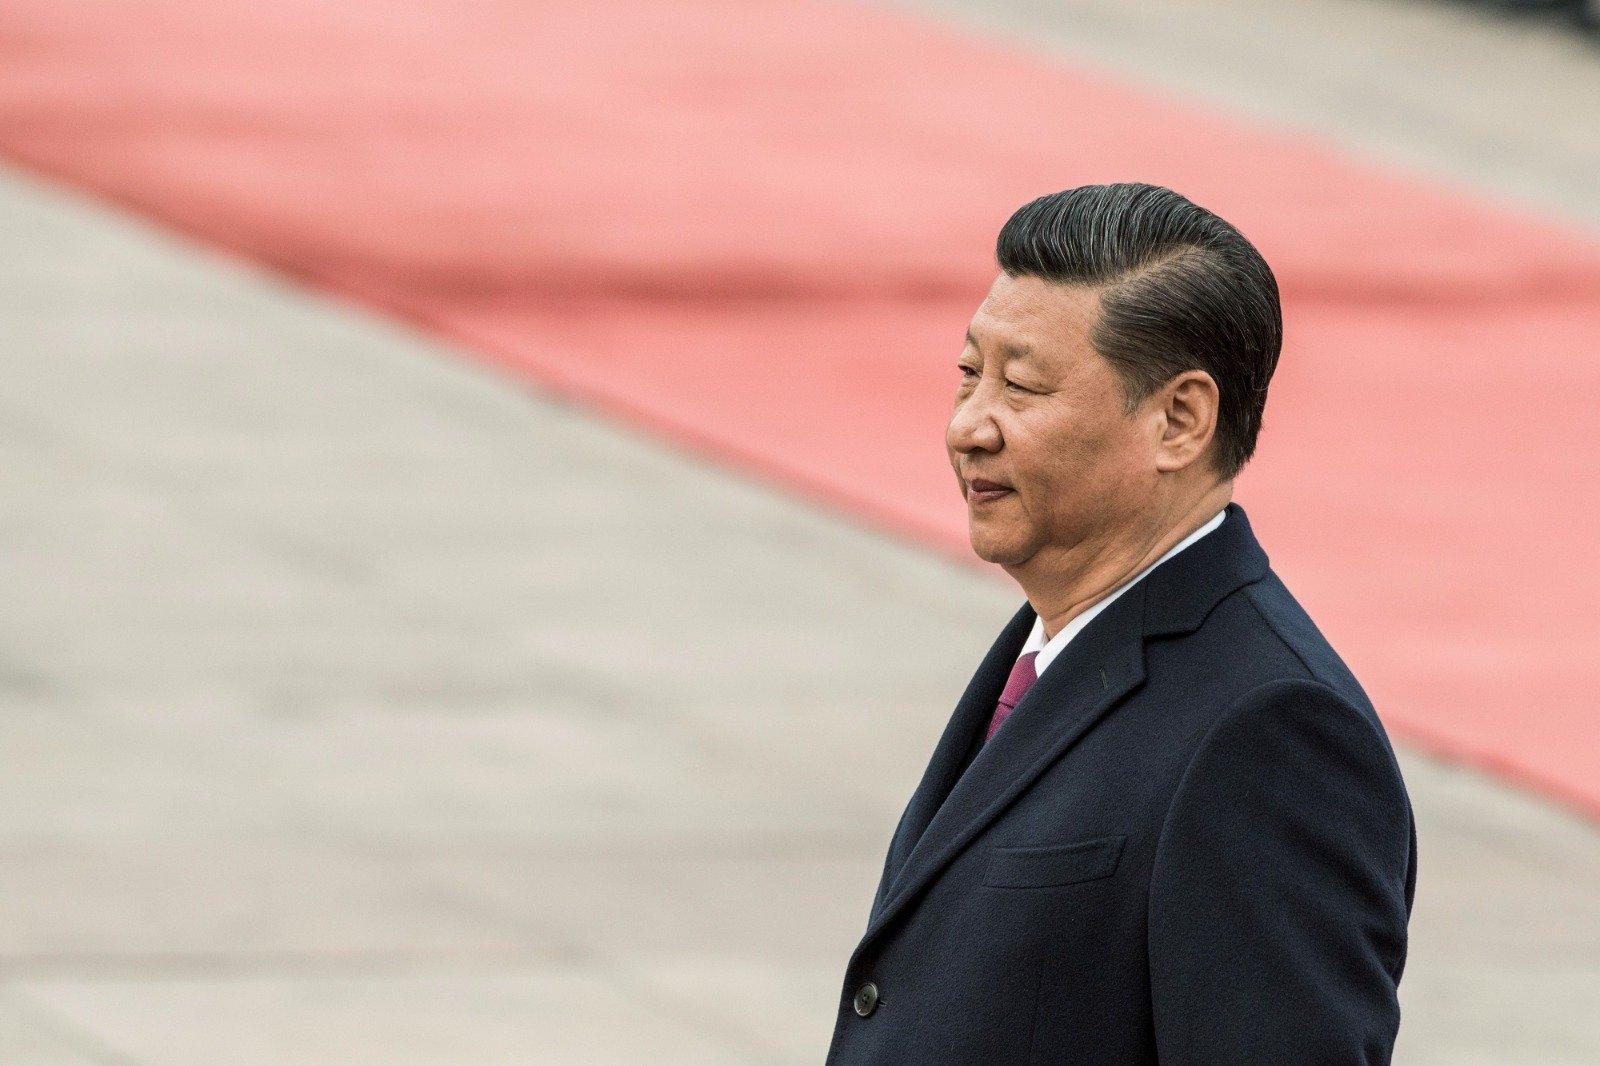 消息稱,習近平將出席深圳40周年大會,林鄭月娥獲邀參加。(Kevin Frayer/Getty Images)